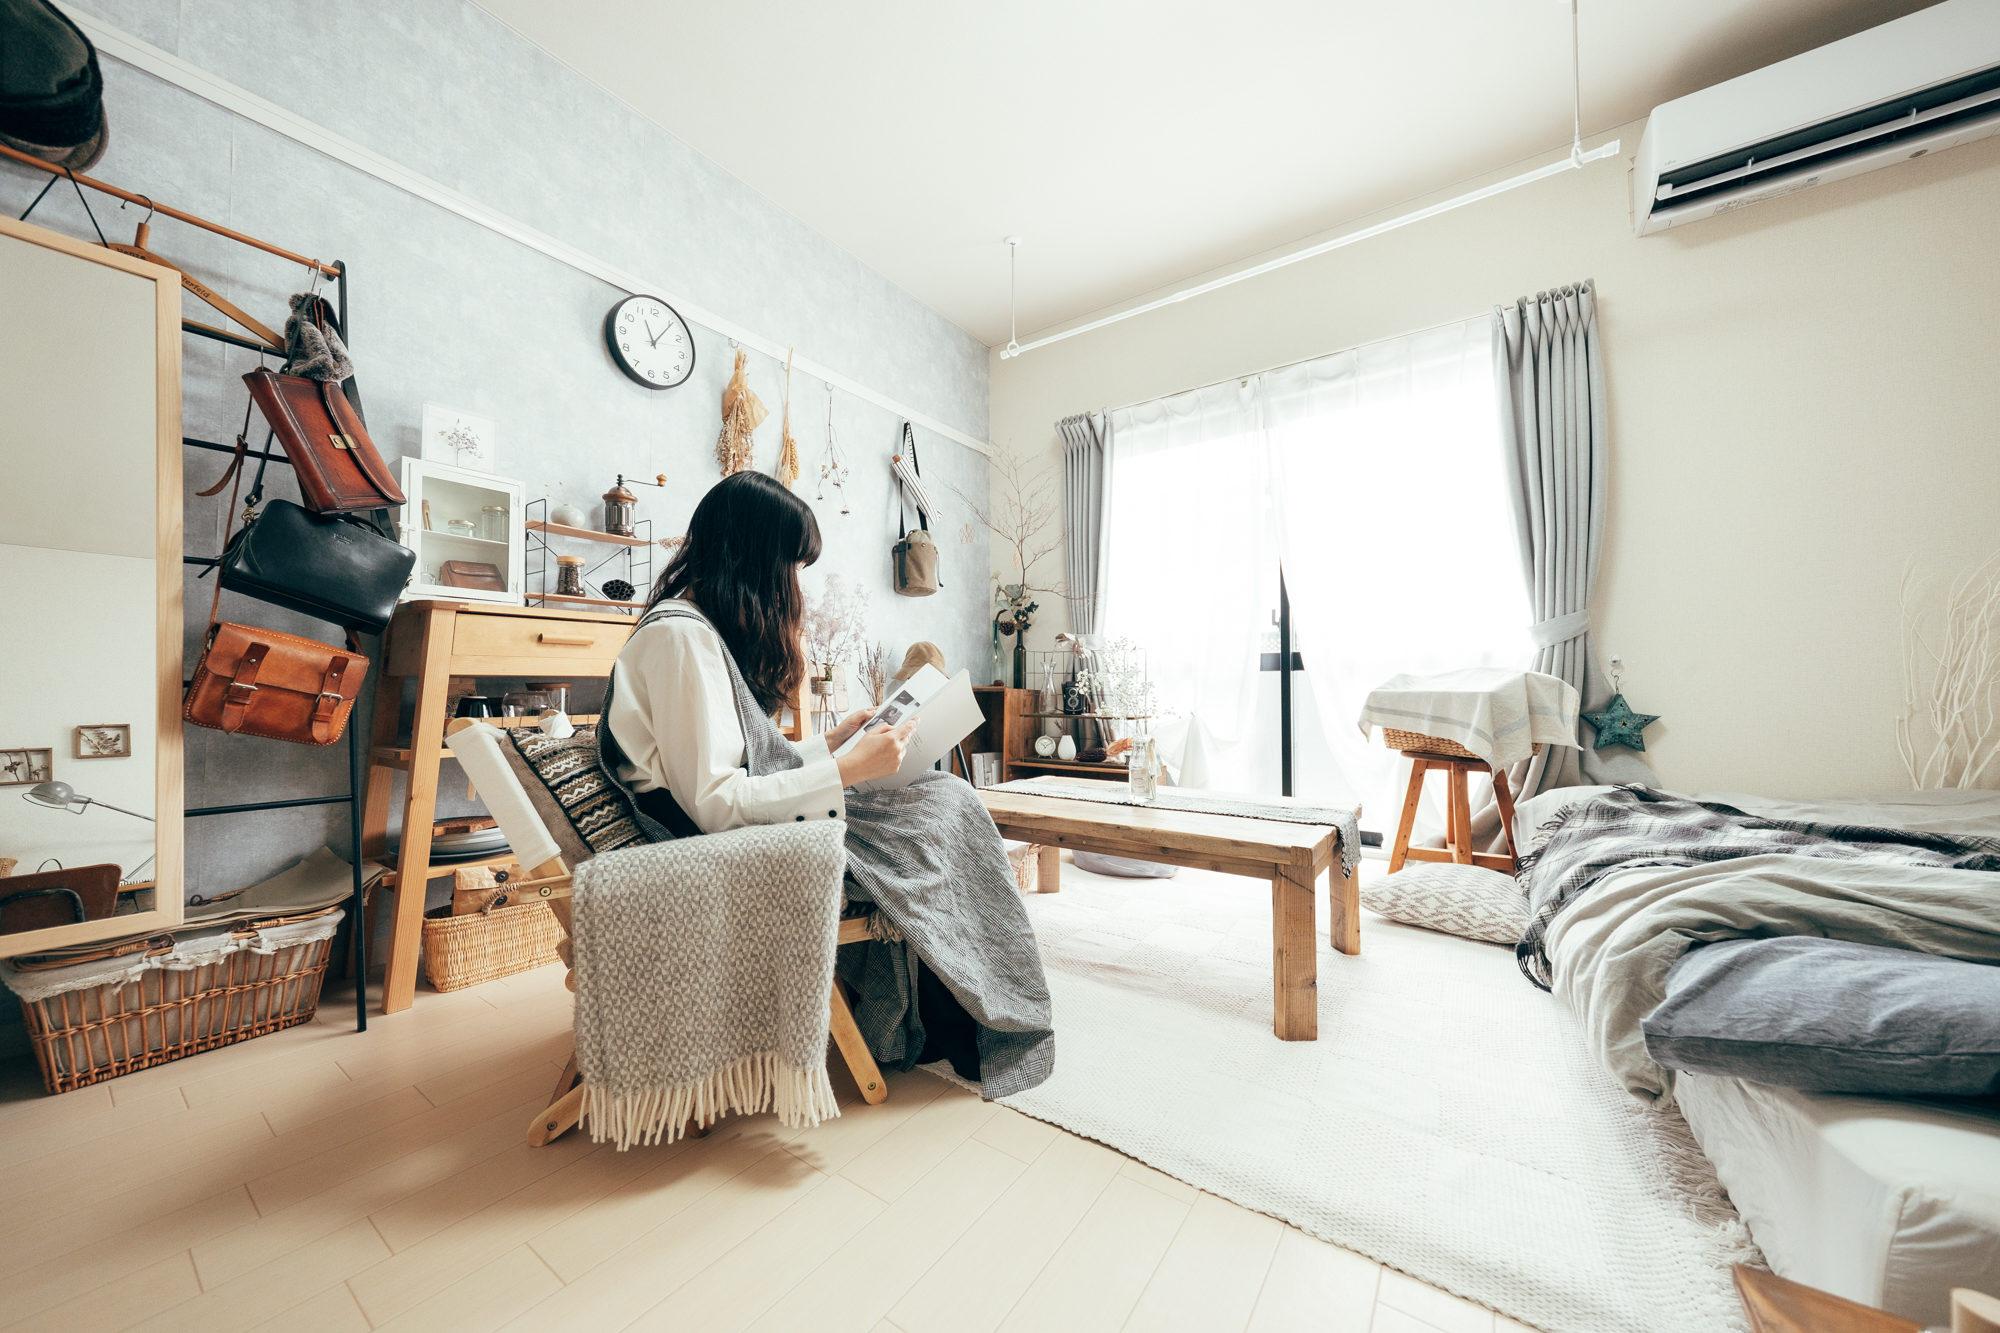 CAPTAIN STAGのアウトドアチェアは室内でも活躍。折り畳みが出来る分、収納が簡単に出来て、お部屋を掃除する時なども楽に避けられそうです。